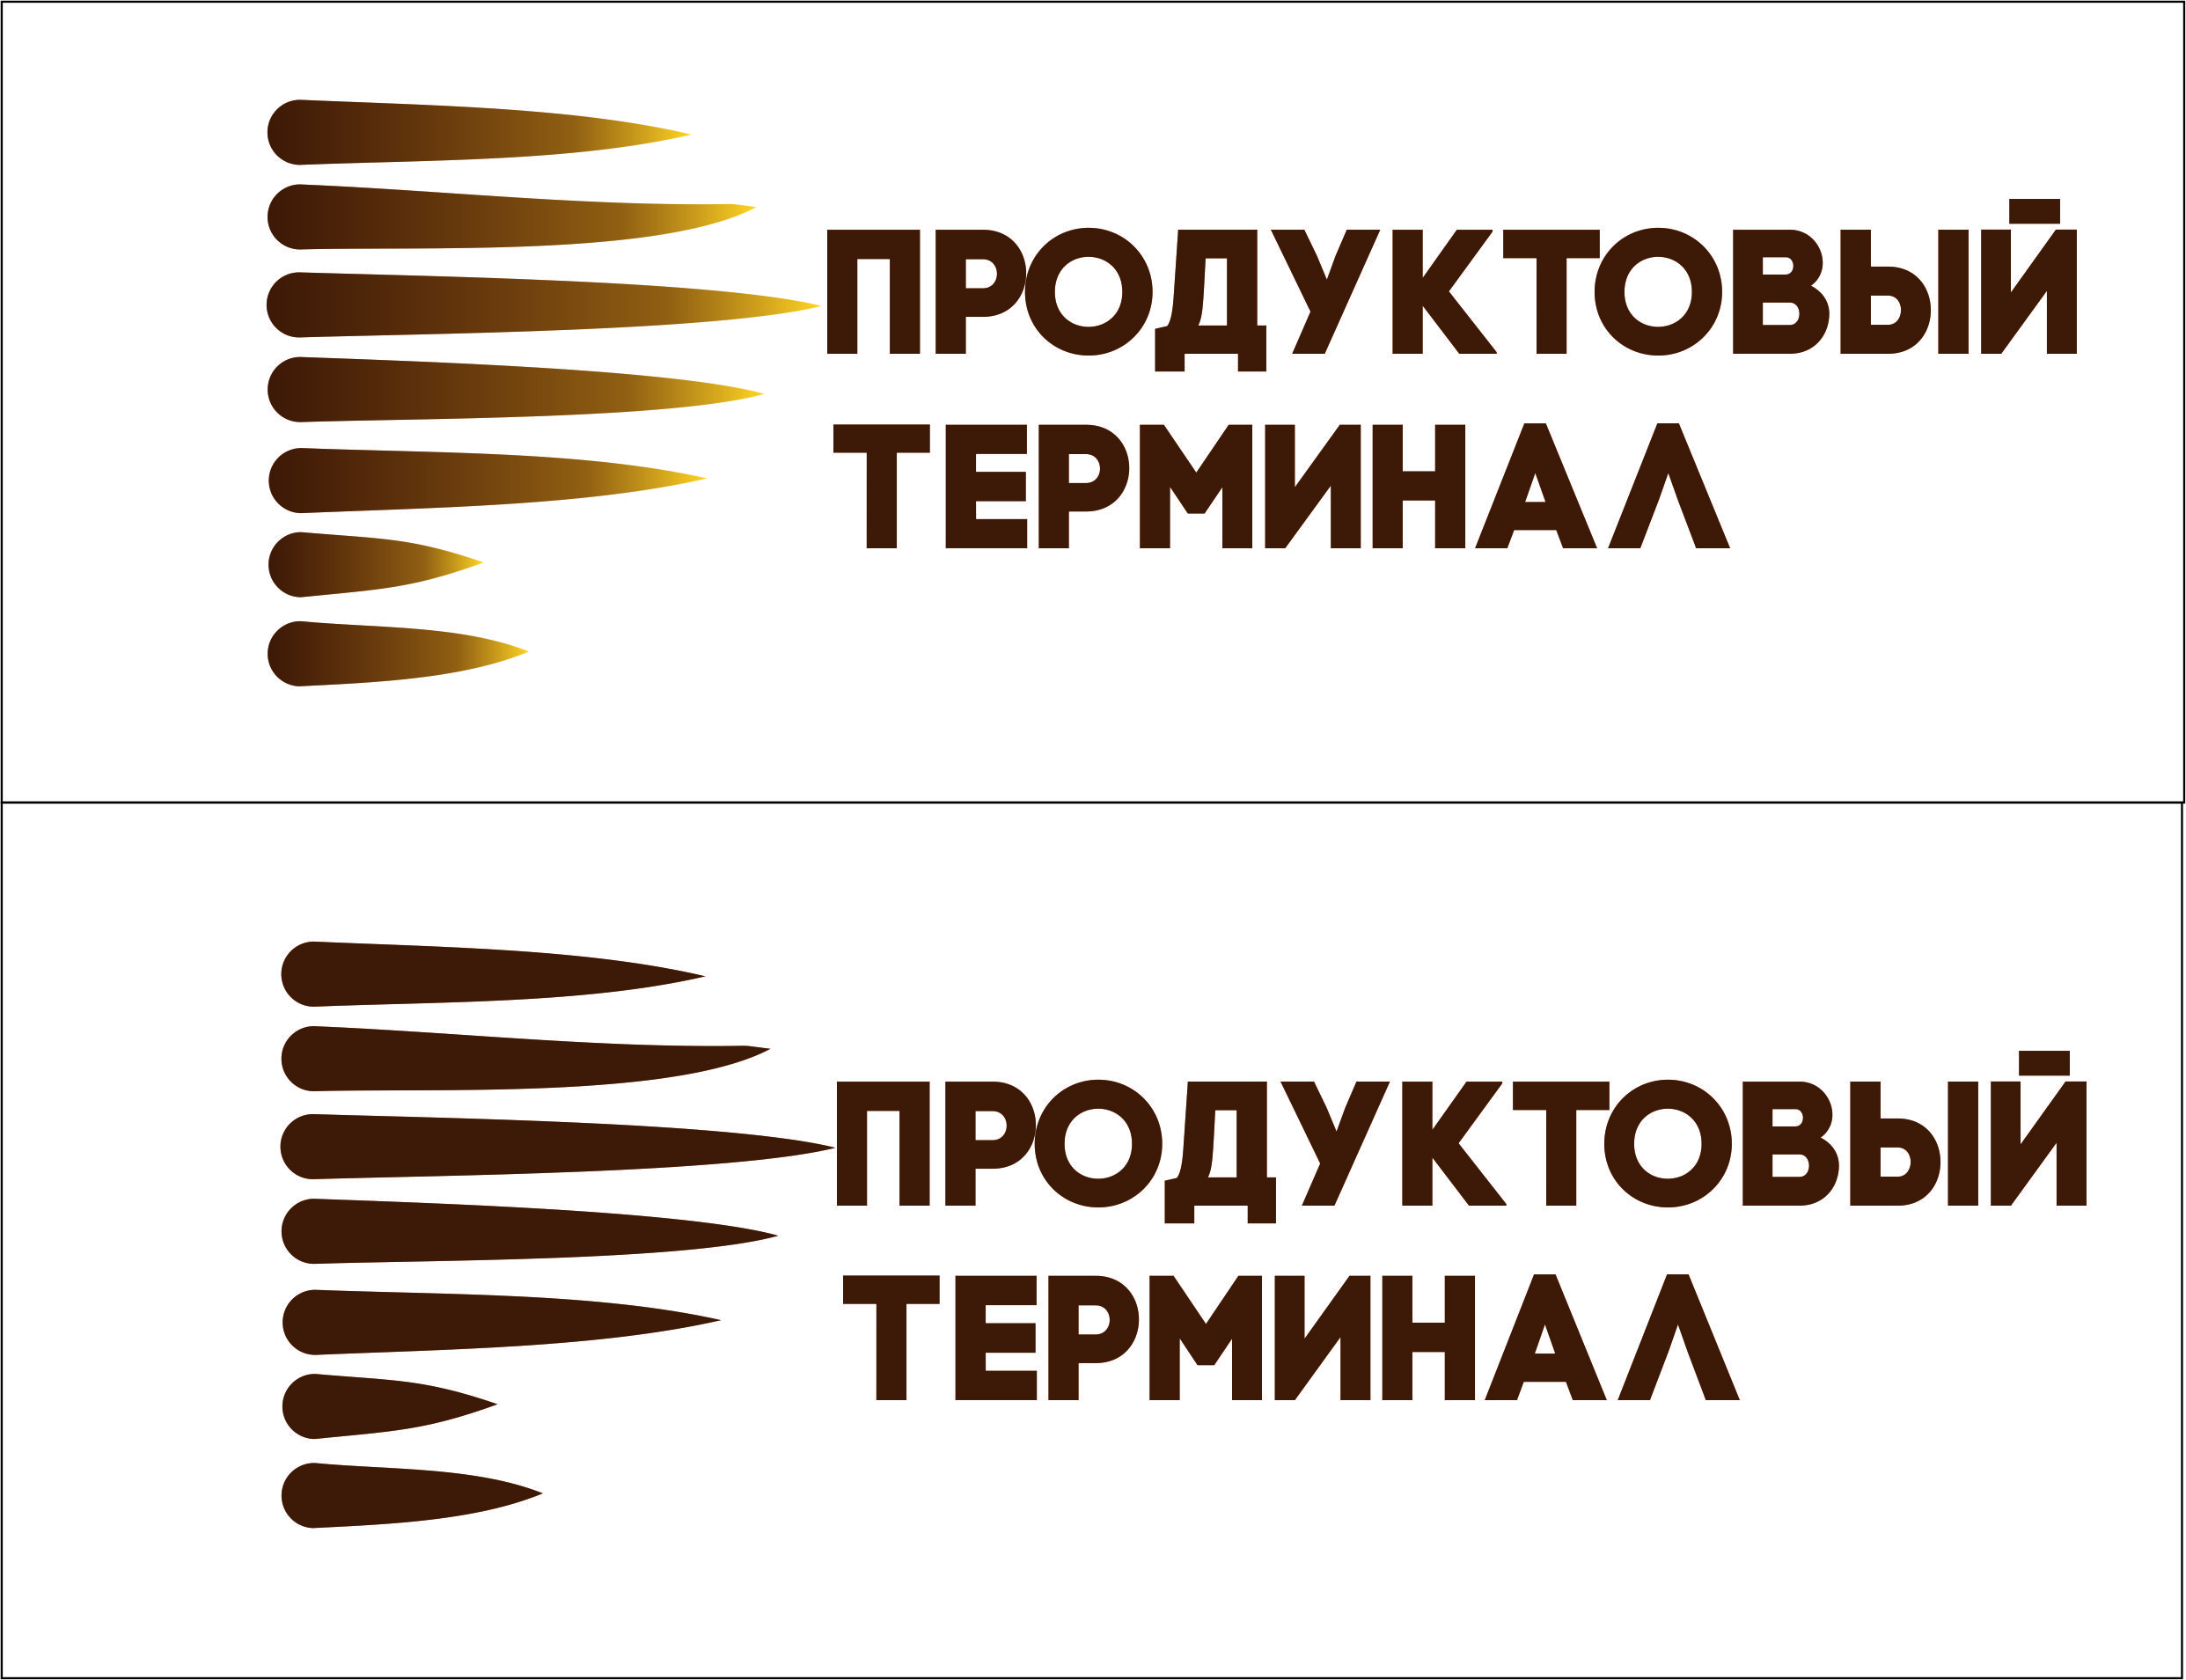 Логотип для сети продуктовых магазинов фото f_32356fa552bb76c4.jpg